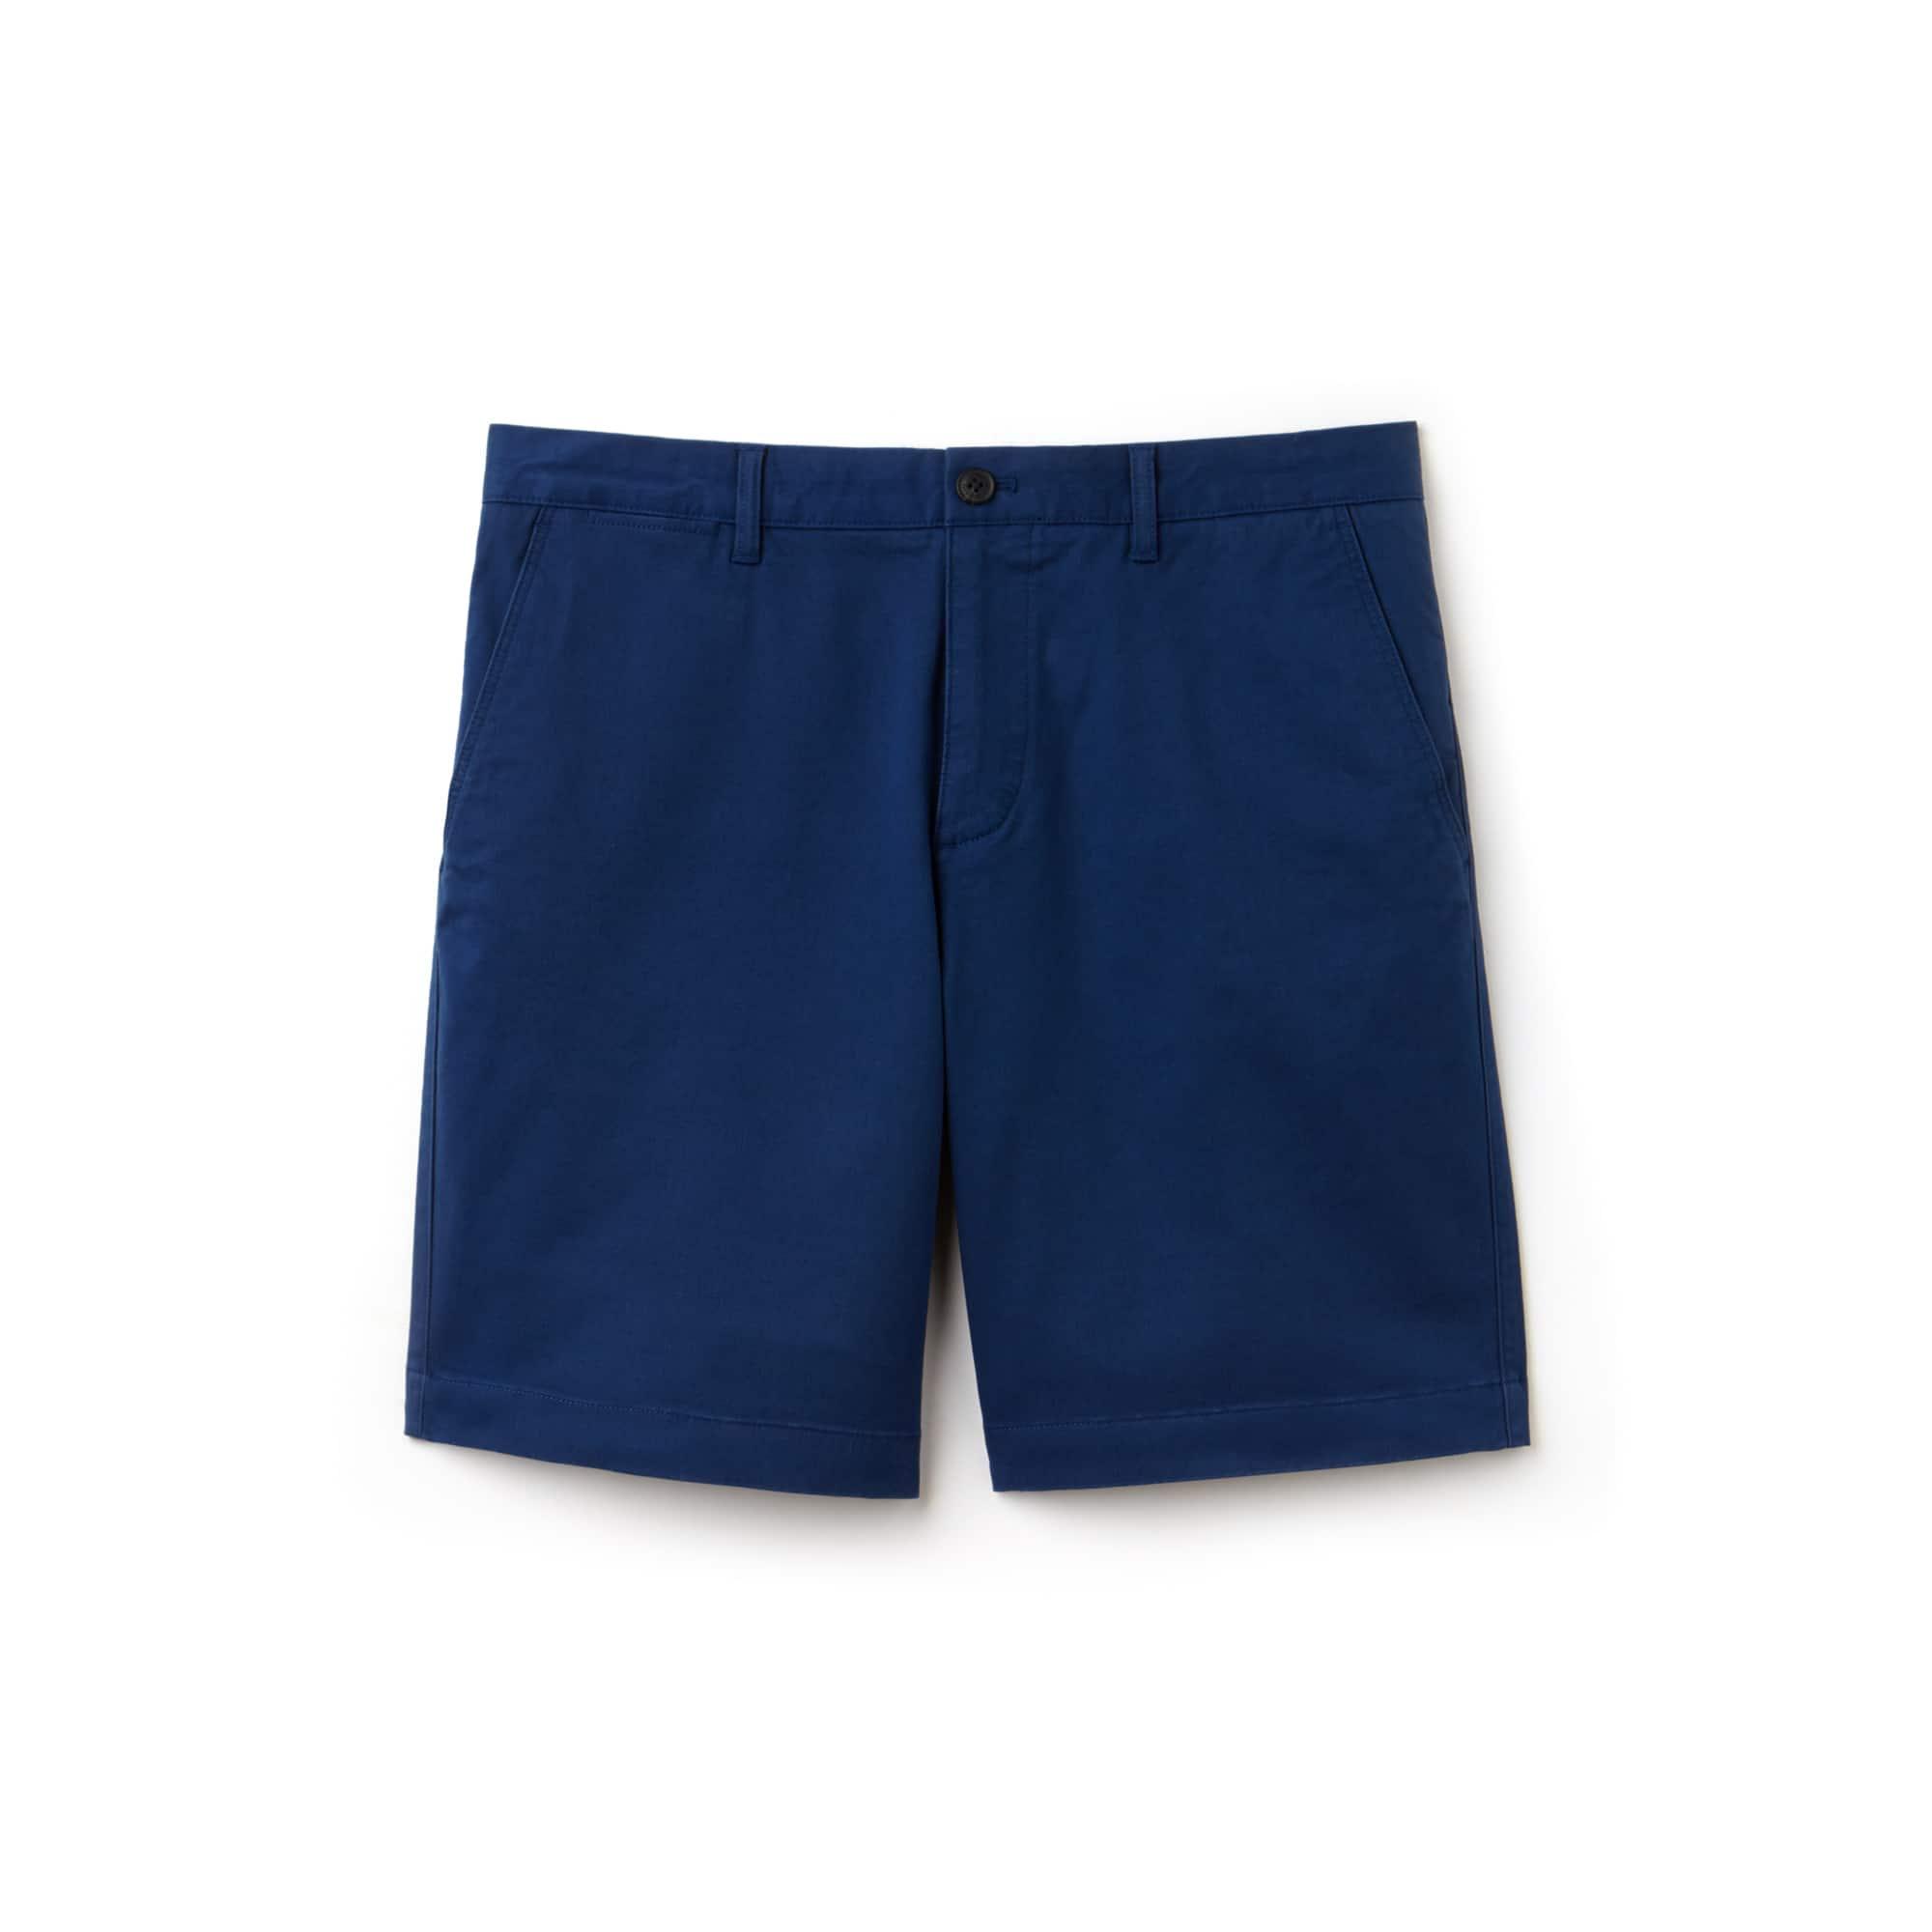 라코스테 Lacoste Mens Regular Fit Cotton Gabardine Bermuda Shorts,navy blue